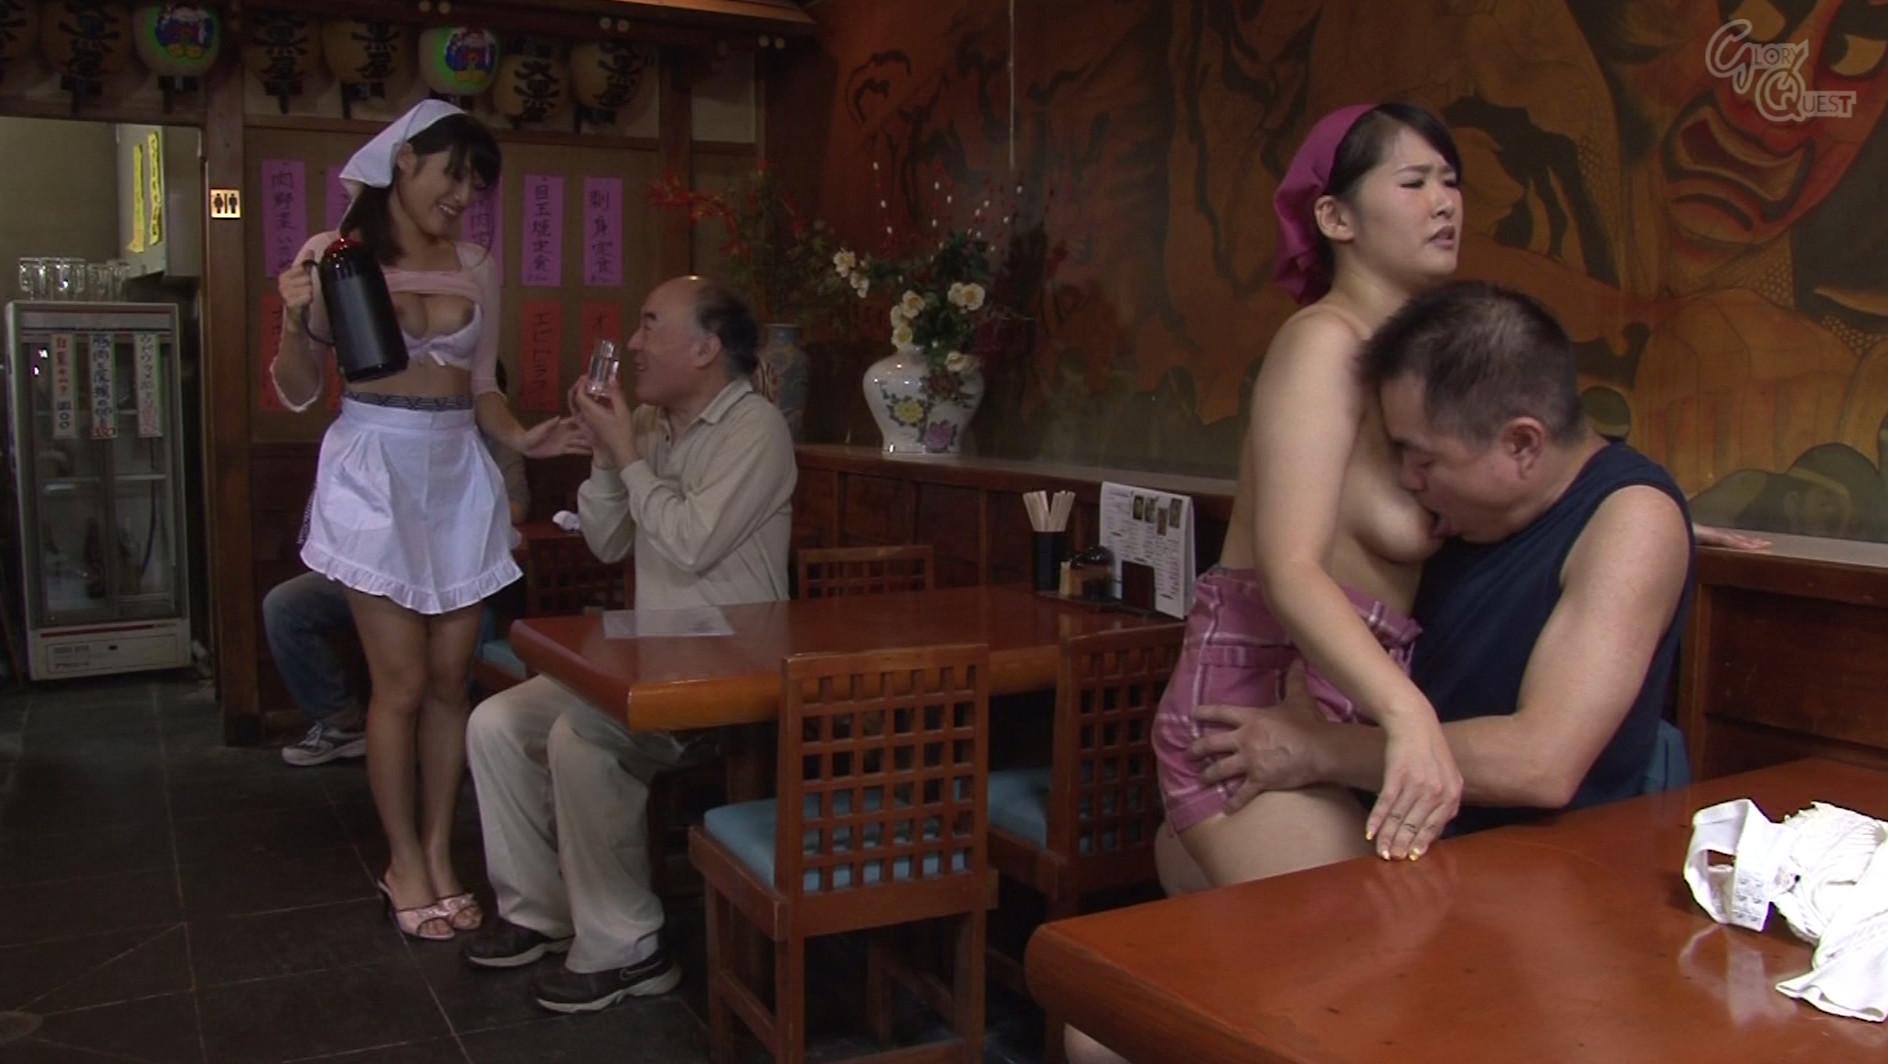 ベロチュー好きな巨乳人妻と中出しできる定食屋さん 春原未来 真木今日子 沖田奈々 画像10